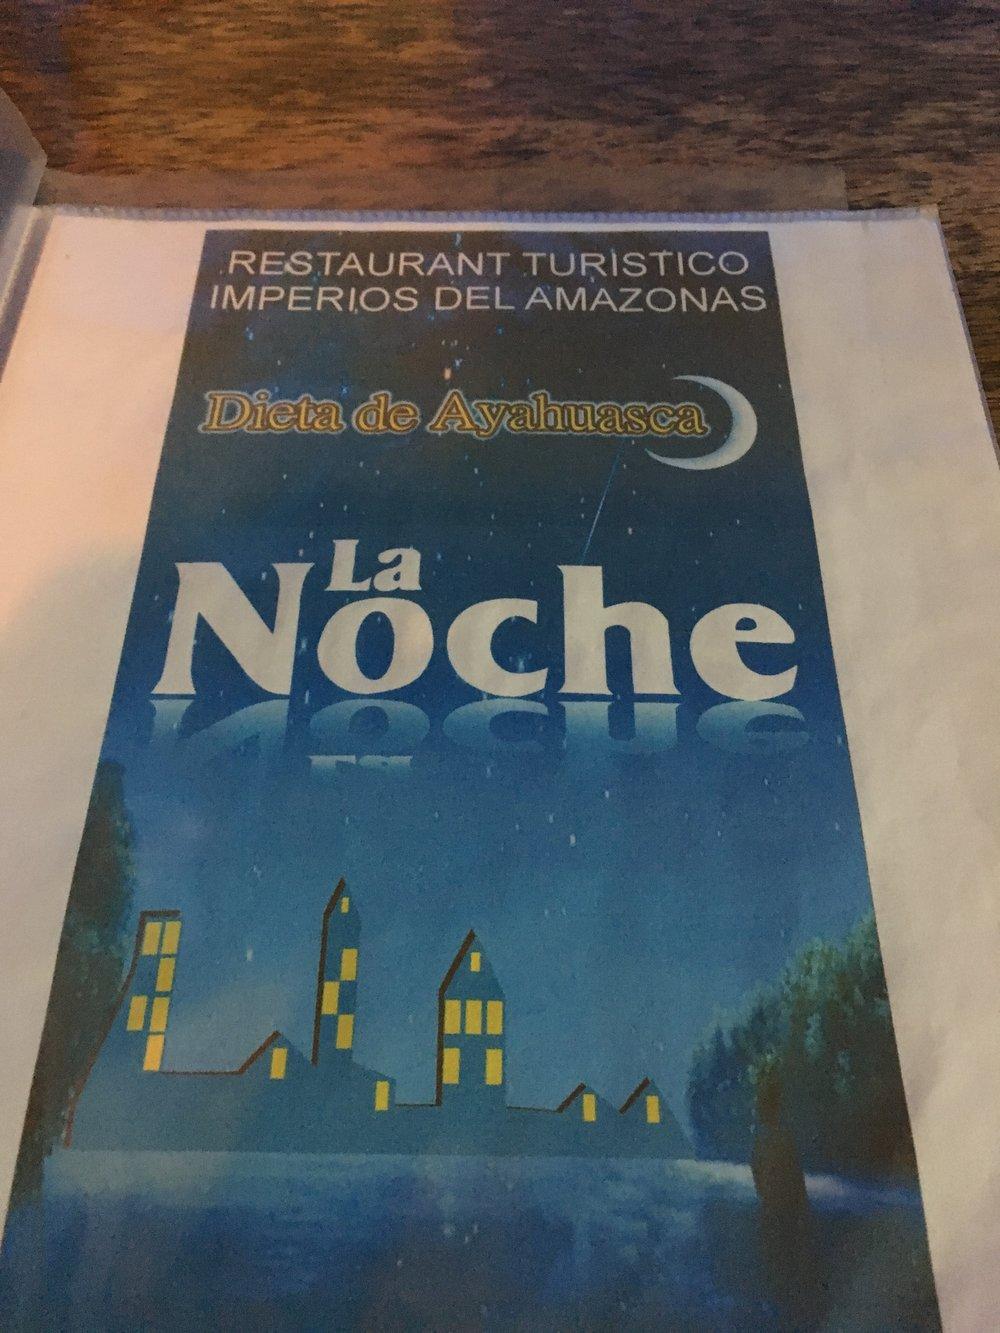 специальное меню ресторана для тех, кто приехал на ретрит